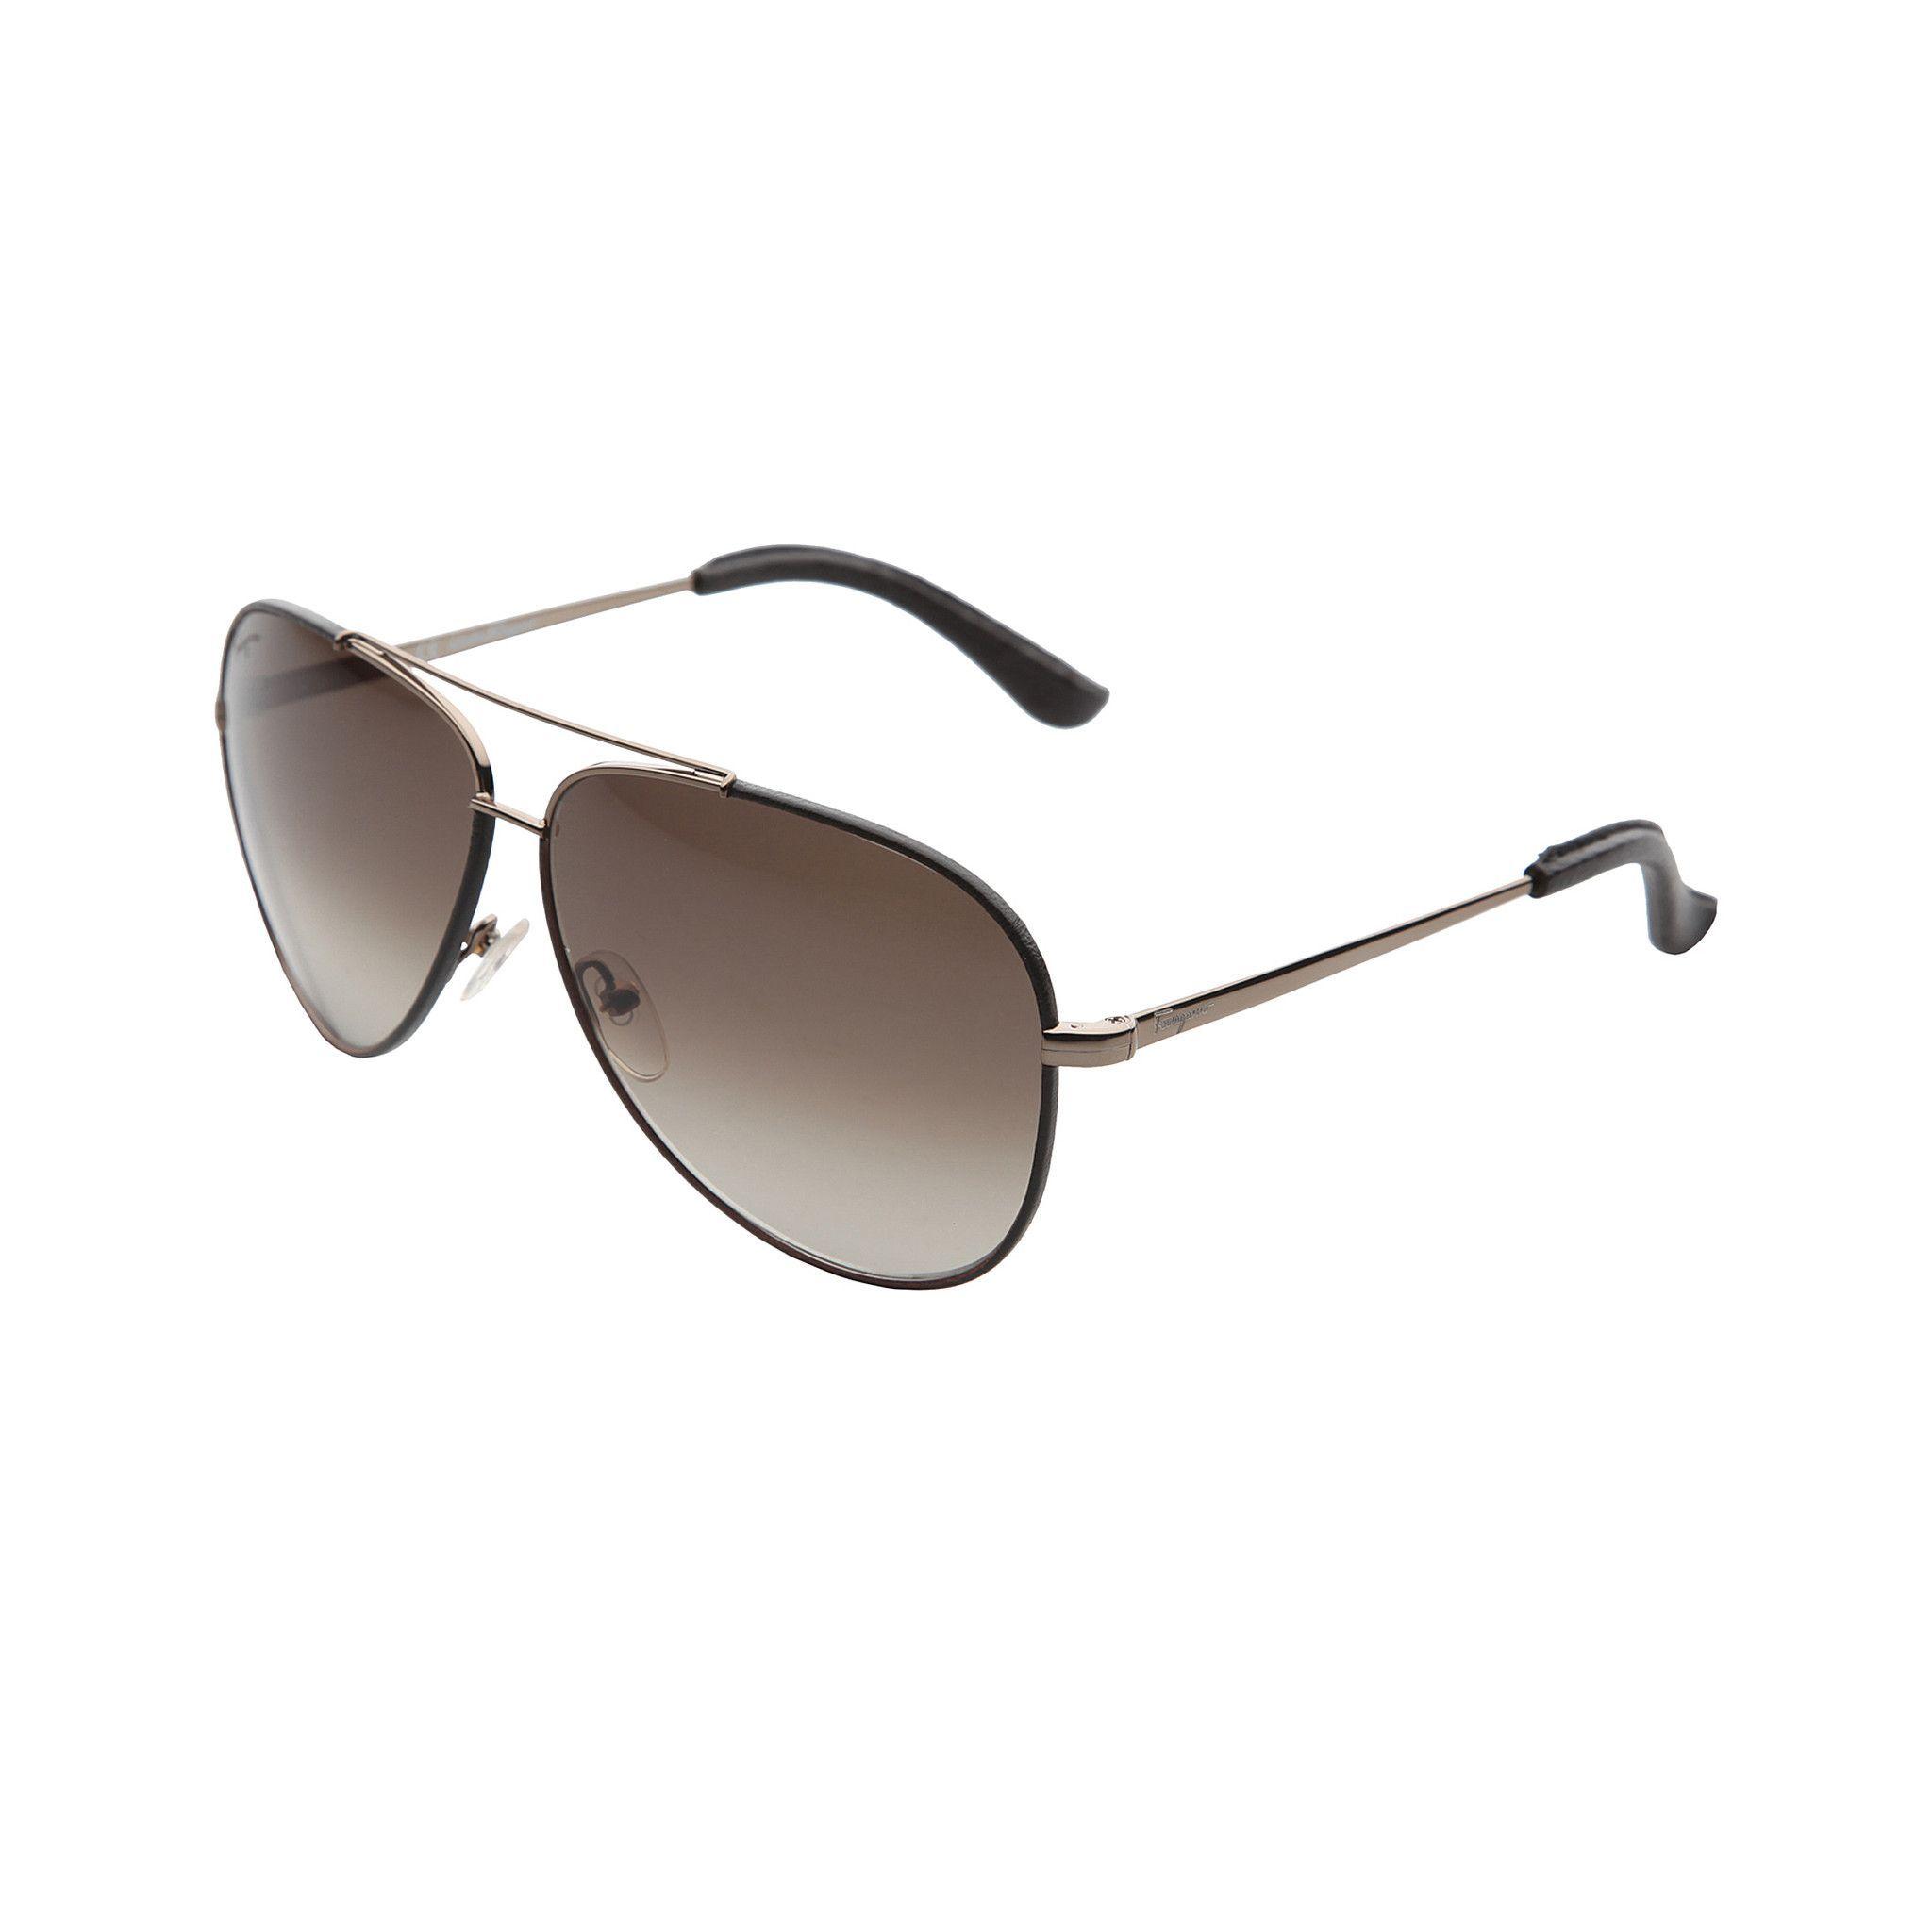 Ferragamo Sunglasses On Sale - € 87.65  Fashion  Sunglasses  Woman  Offers   853f85c7bf0fa